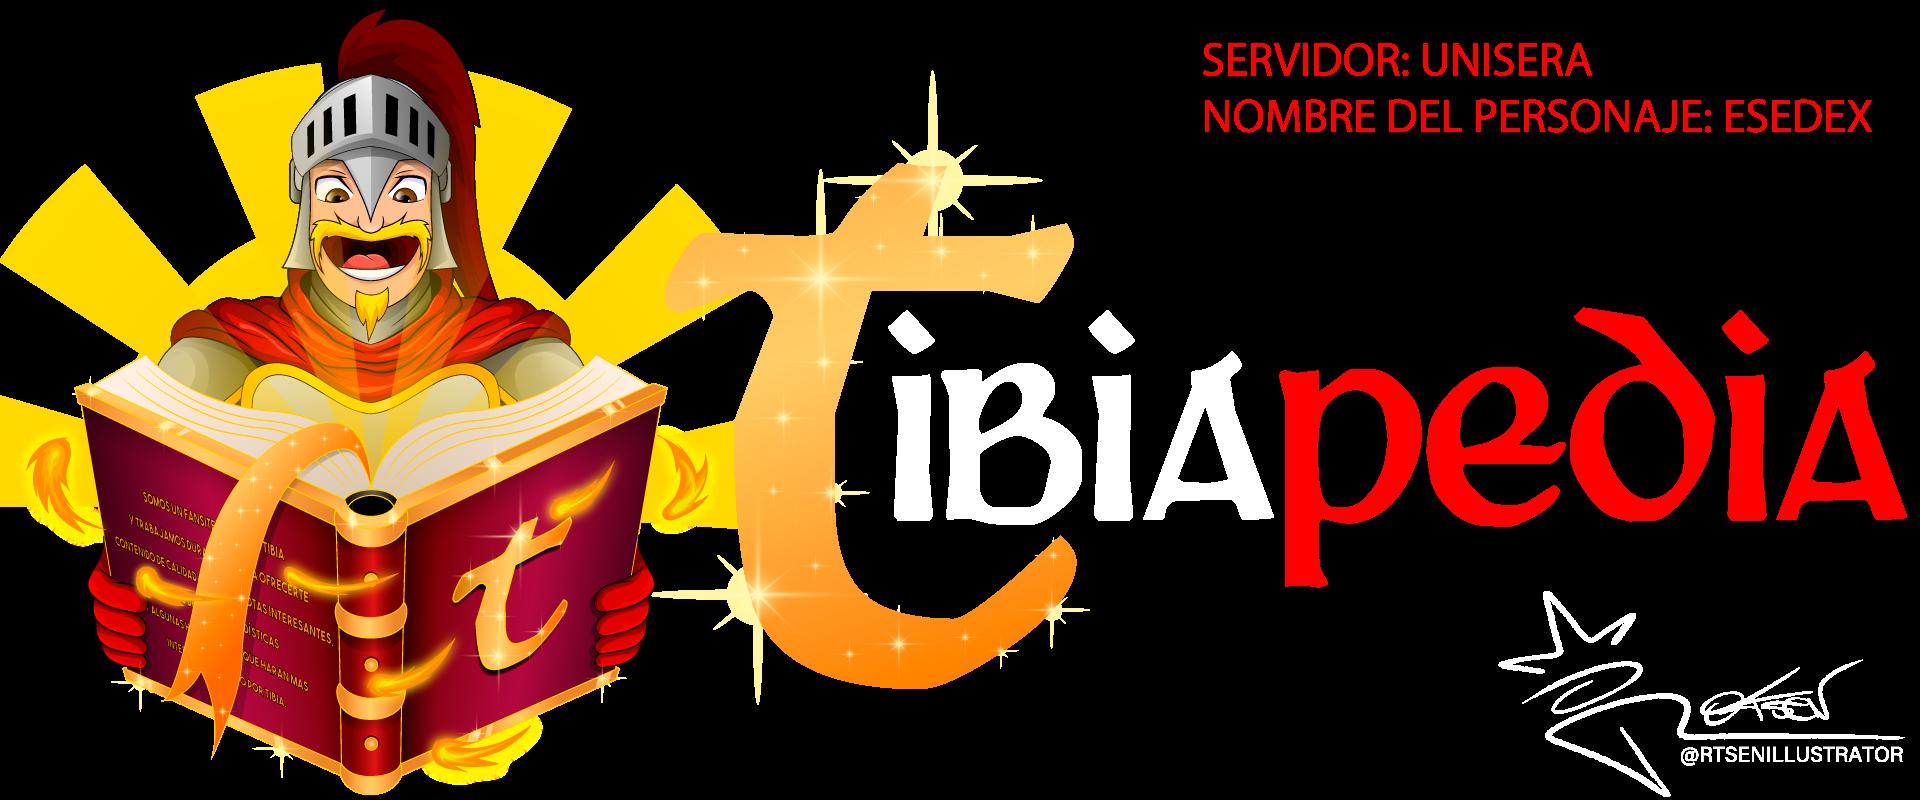 tibiapediadesign01.png